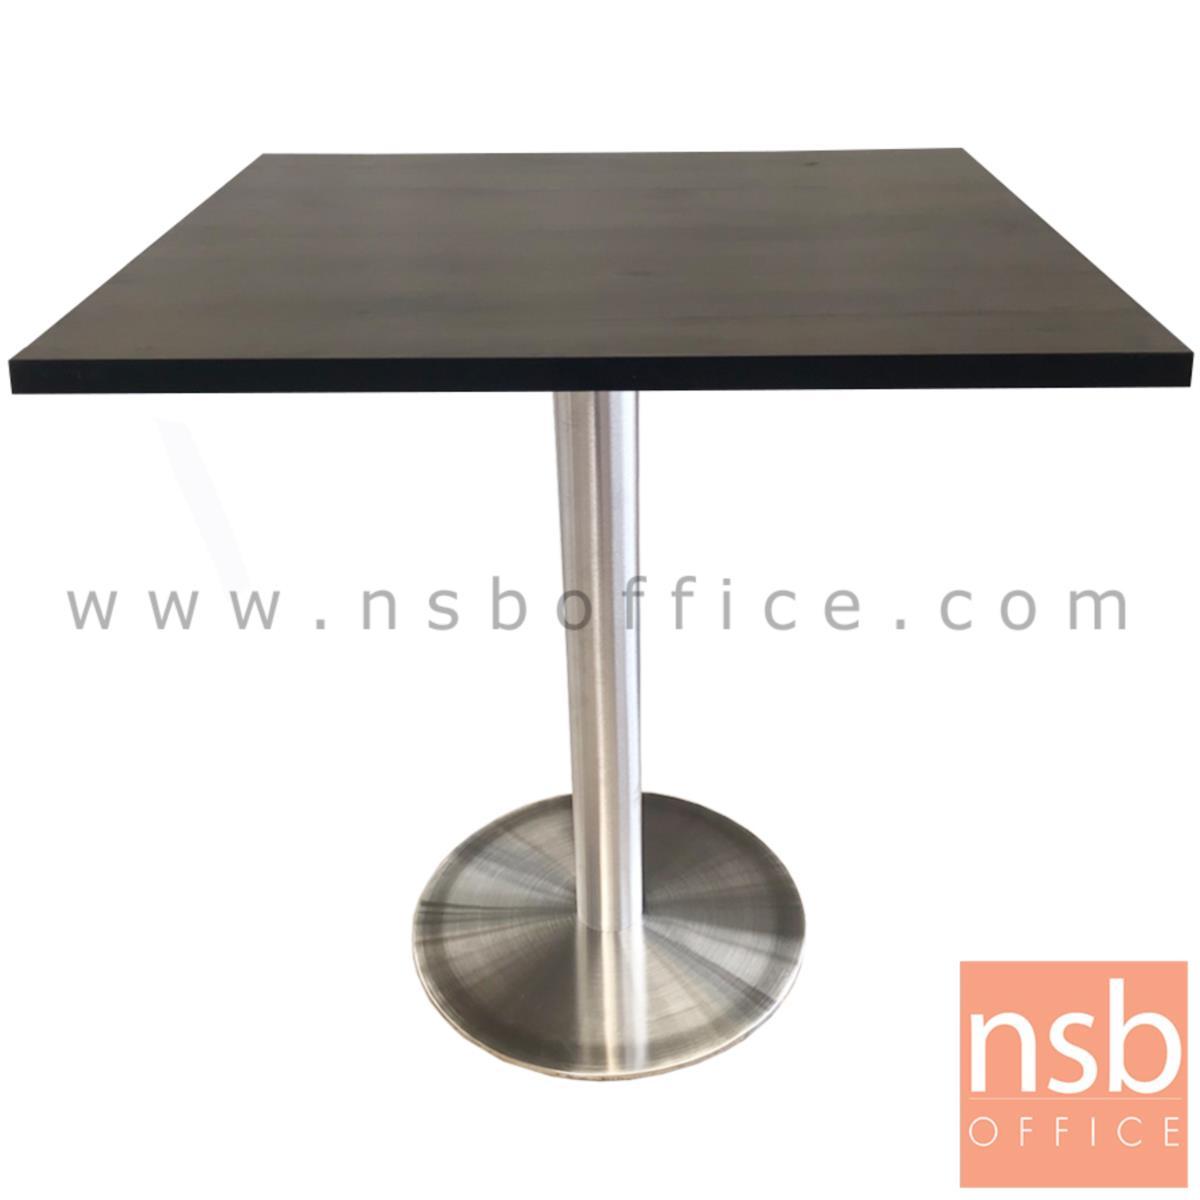 A14A177:โต๊ะบาร์ COFFEE รุ่น Fitzgerald (ฟิตซ์เจอรัลด์) ขนาด 60W ,70W ,80W ,60Di ,70Di ,80Di cm.   ขาสแตนเลสฐานกลมแบน